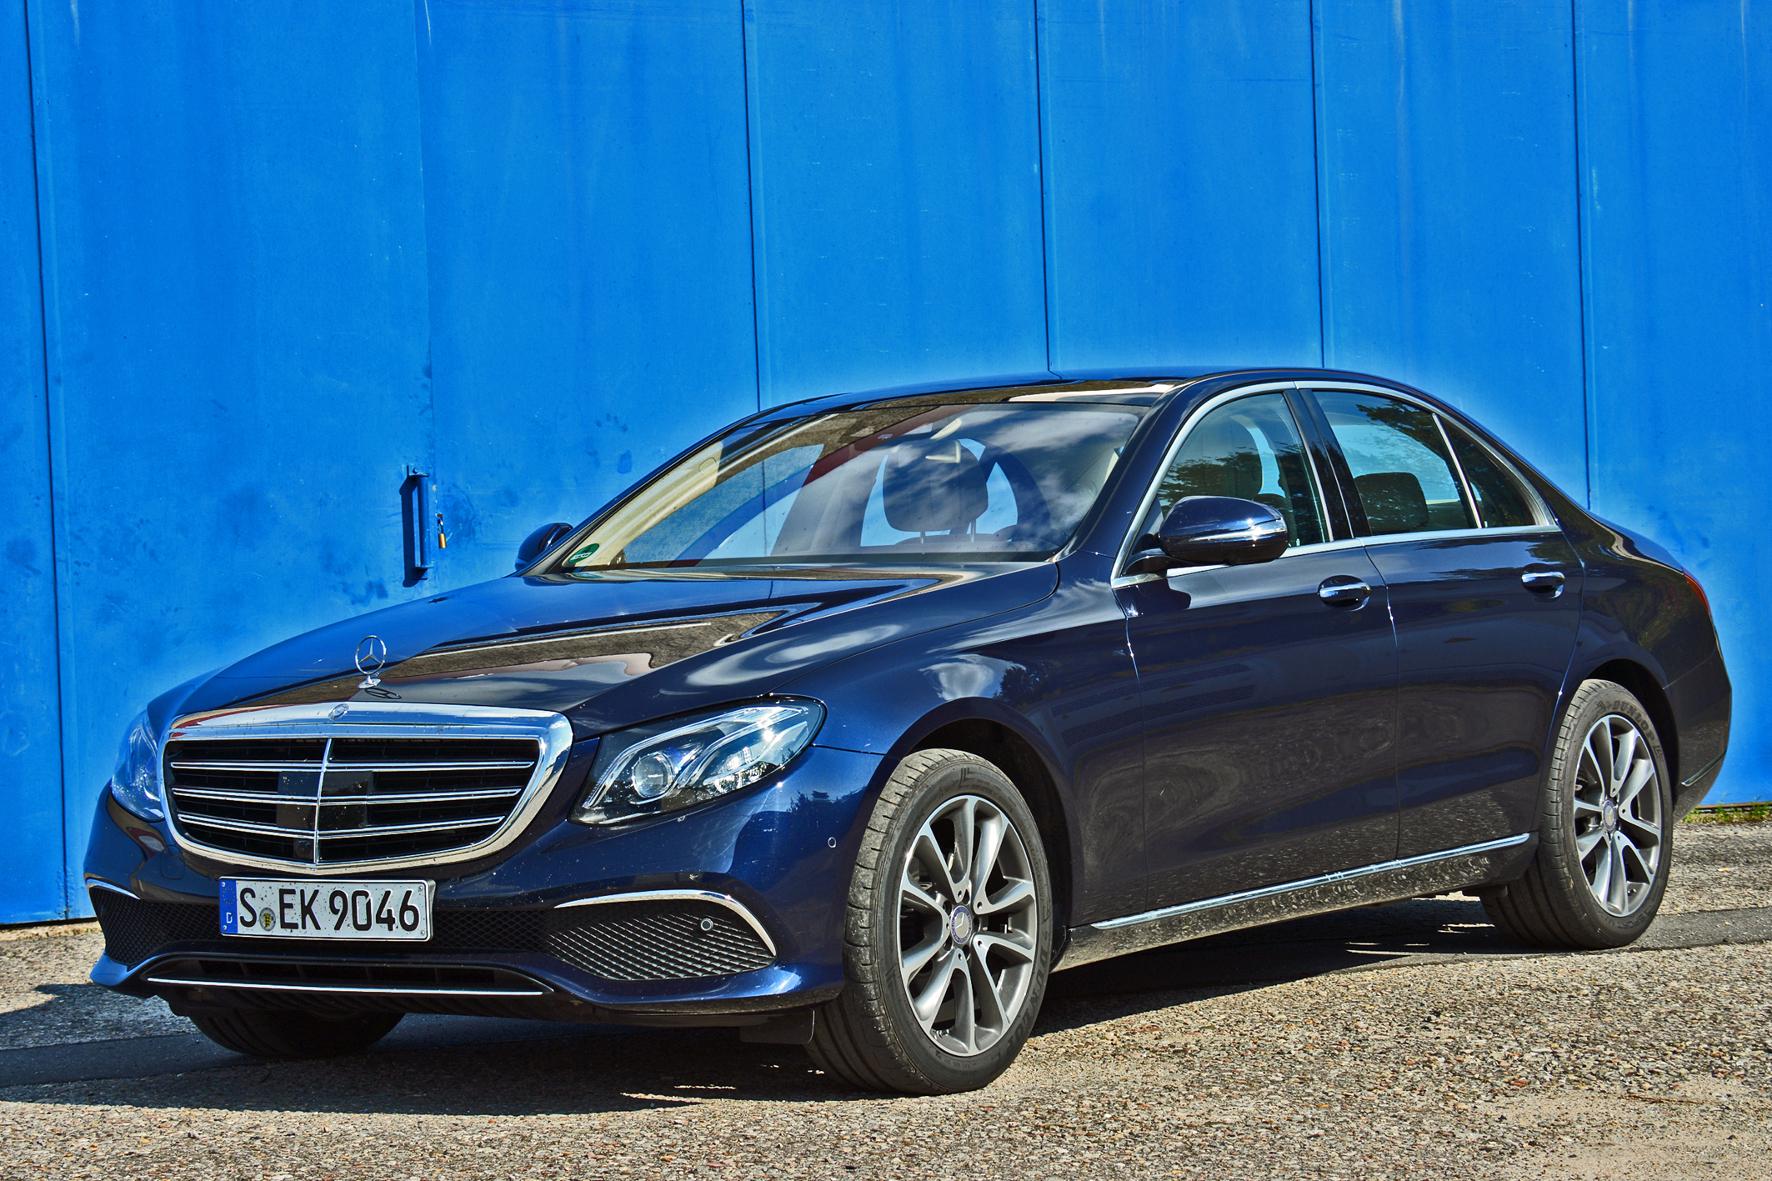 mid Groß-Gerau - Die neue E-Klasse von Mercedes-Benz bietet eine Vielzahl an Neuheiten - vom neuen Diesel-Vierzylinder bis zu modernsten Assistenzsystemen.